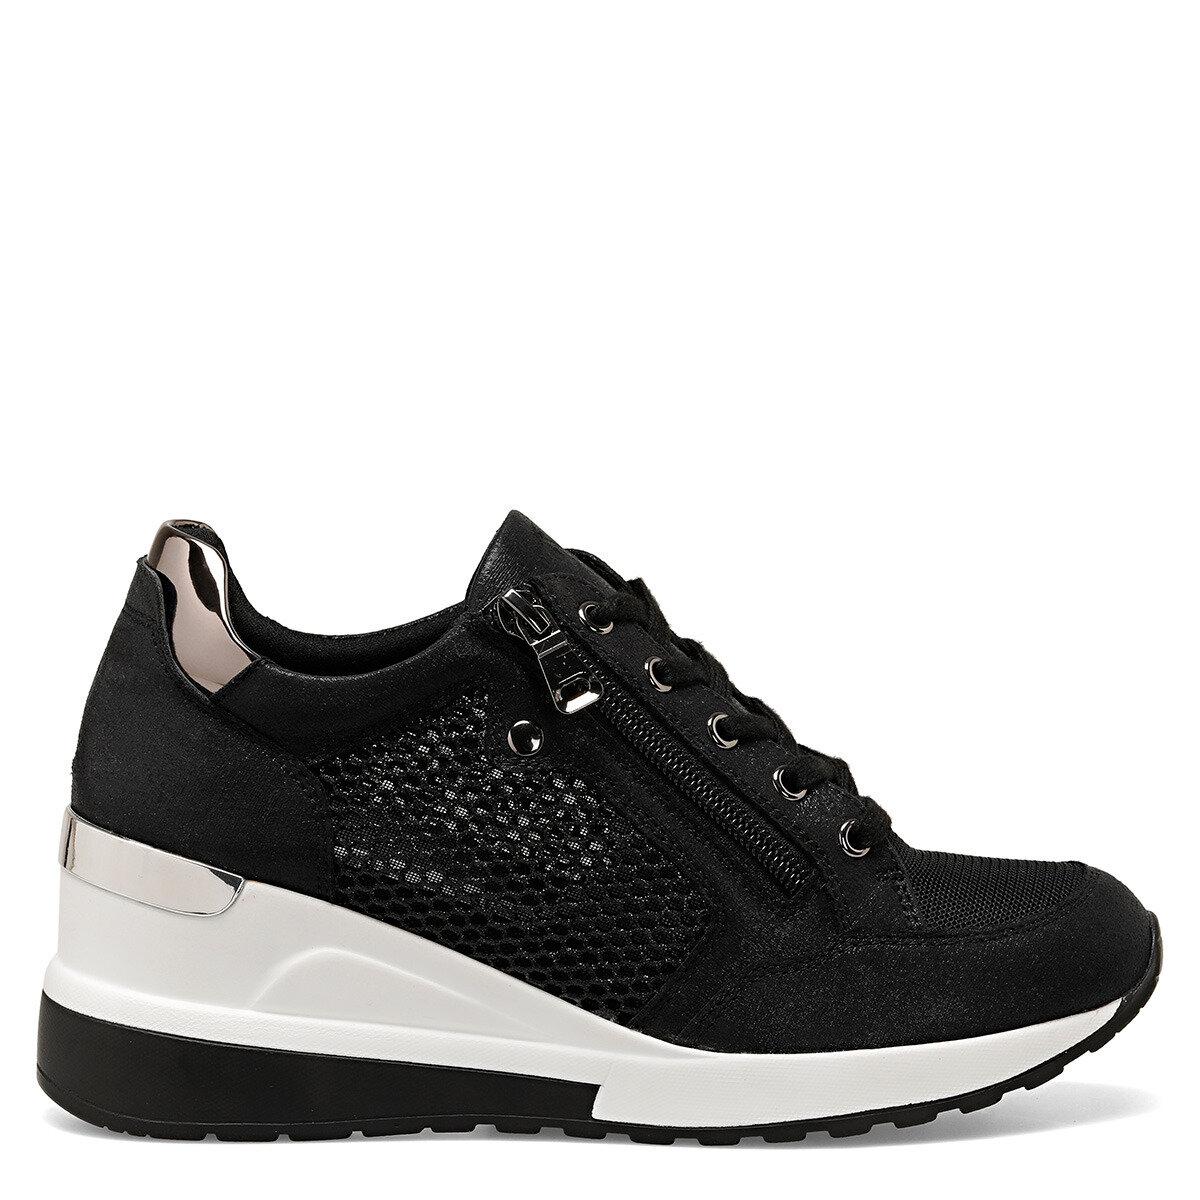 RANA Siyah Kadın Dolgu Topuk Ayakkabı